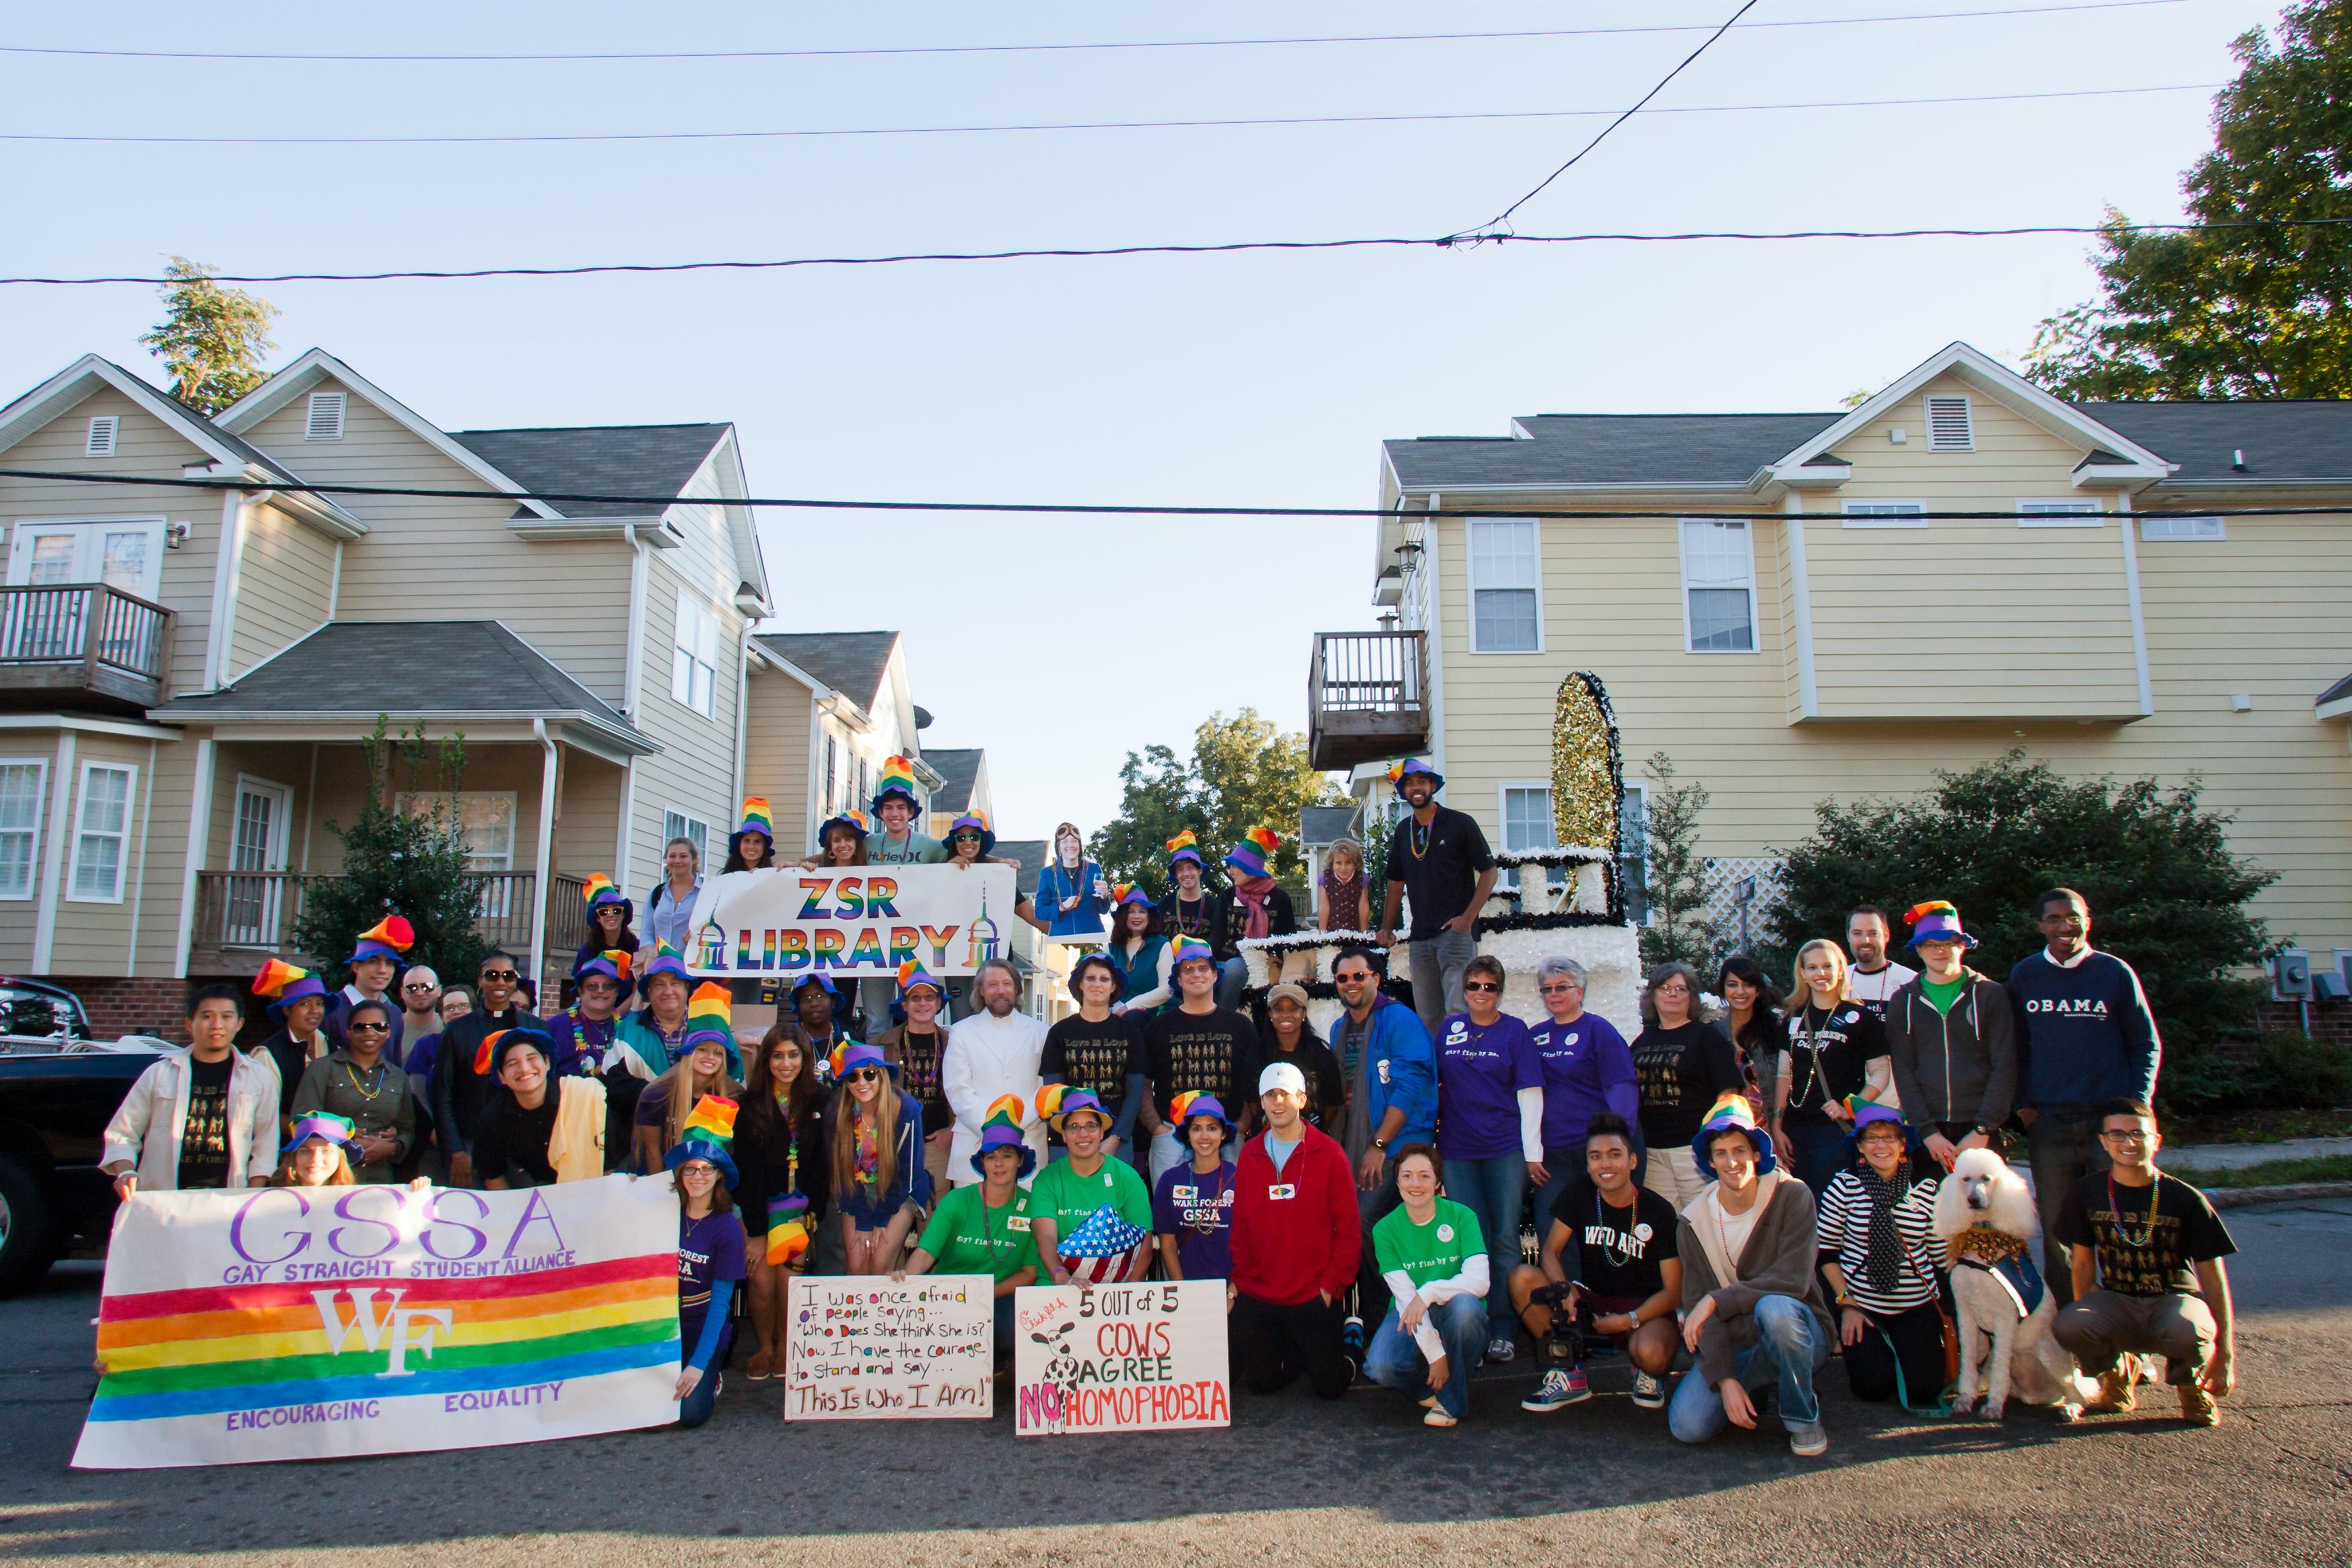 WFU Pride 2012